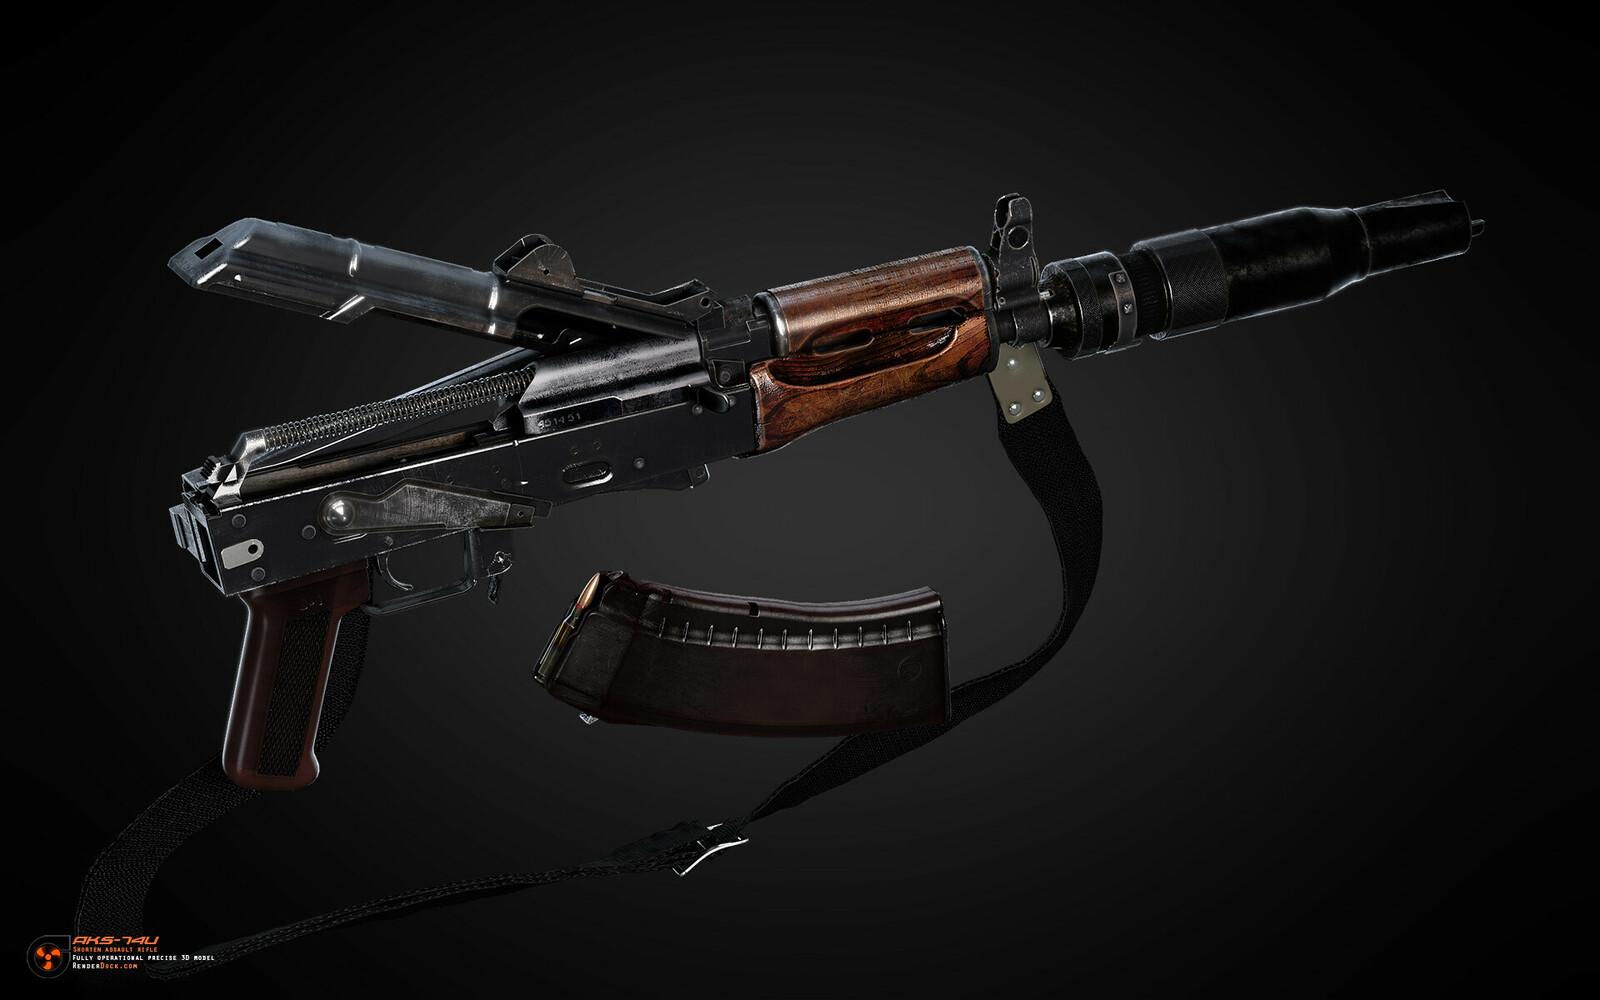 Kalashnikov's AKS-74U